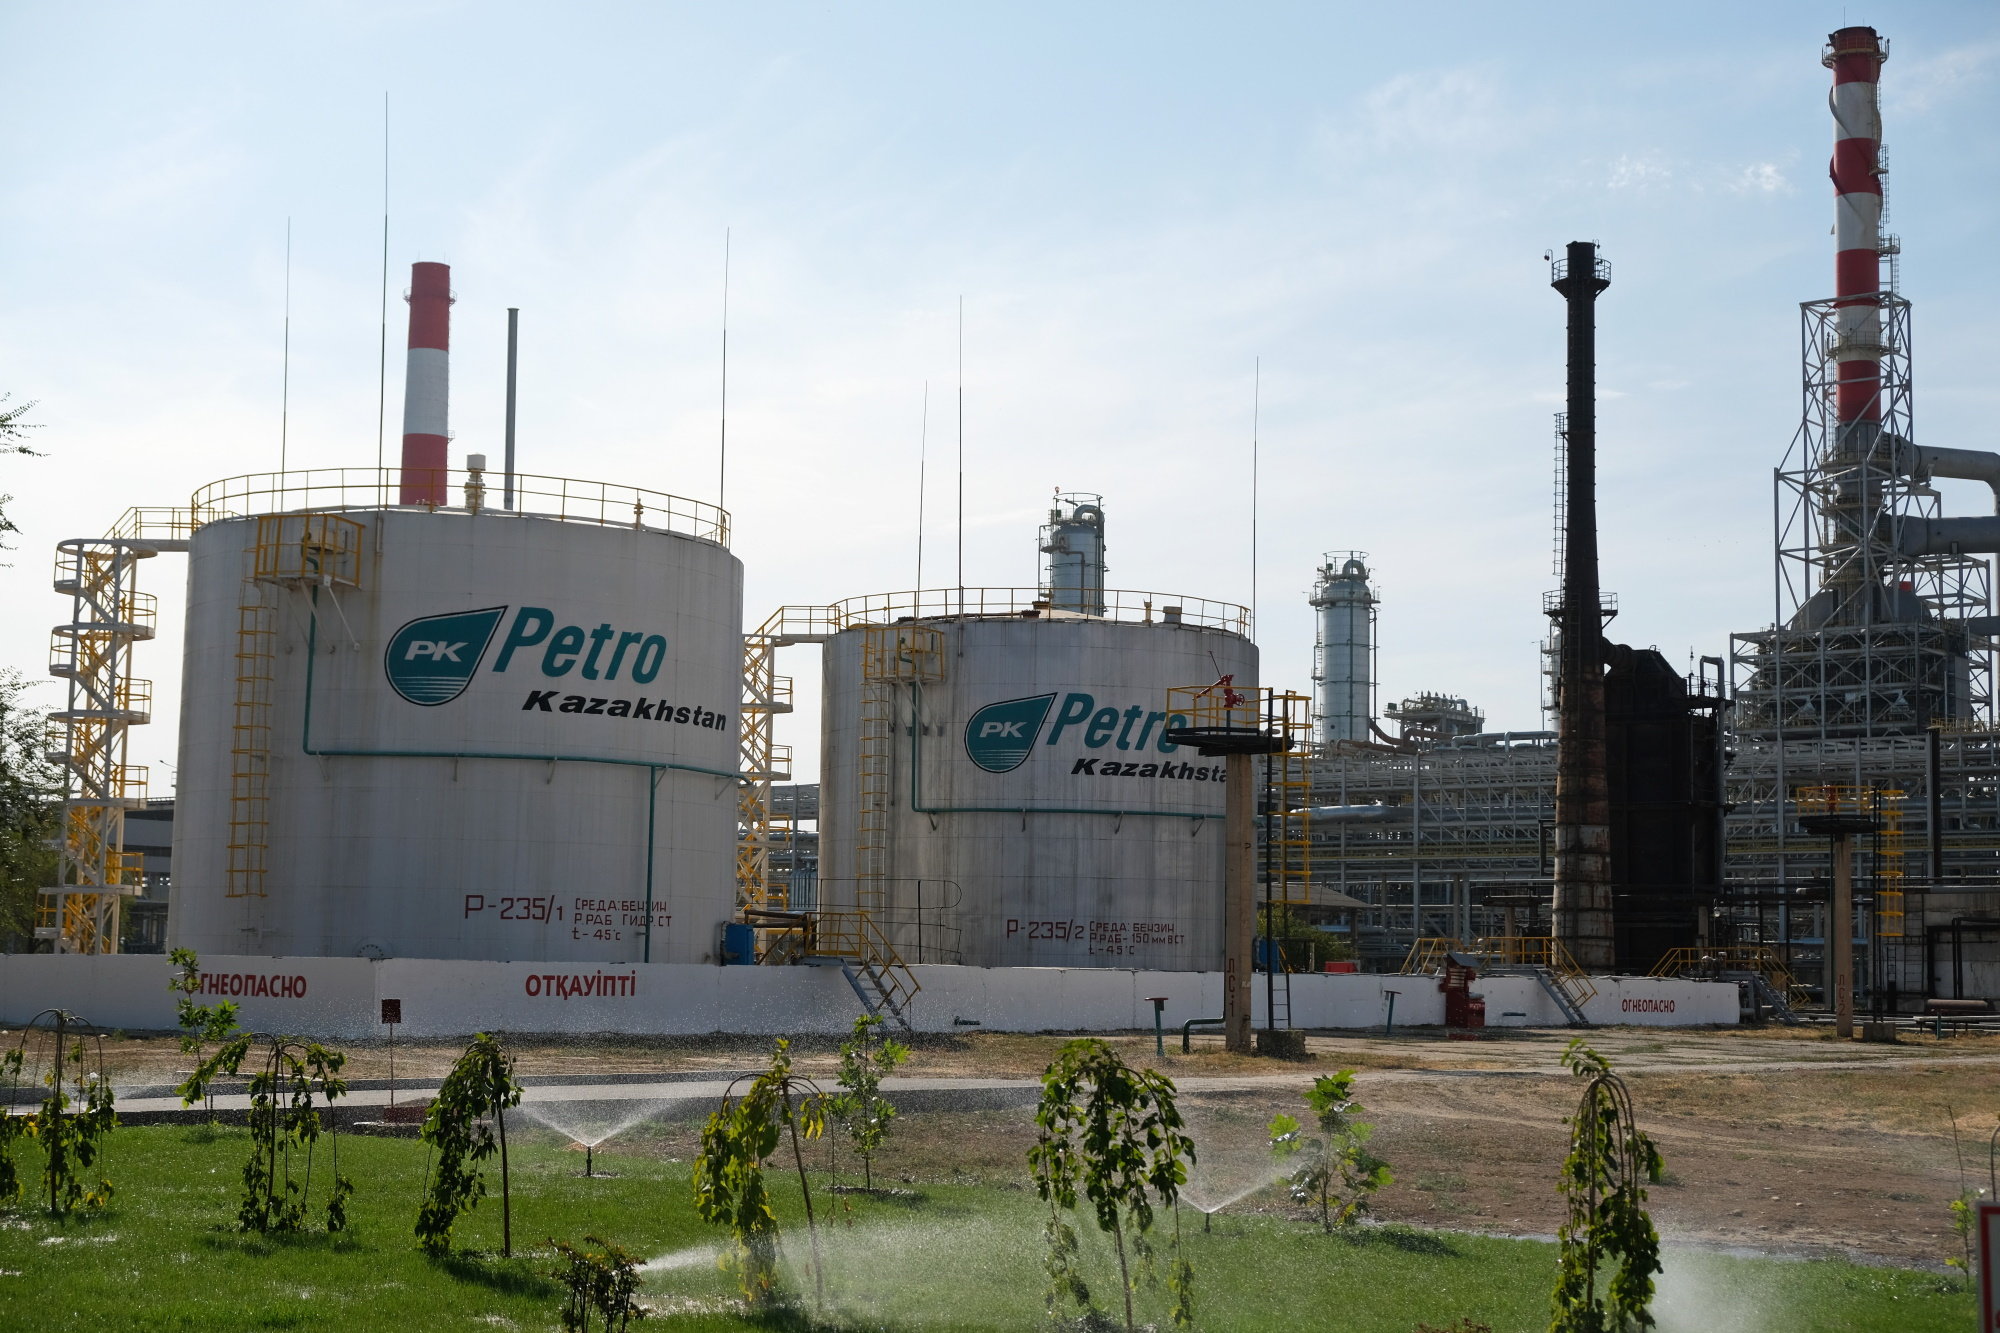 To ropa odpowiada za 1/4 wzrostu kazachskiego eksportu do Chin. Fot. Shutterstock